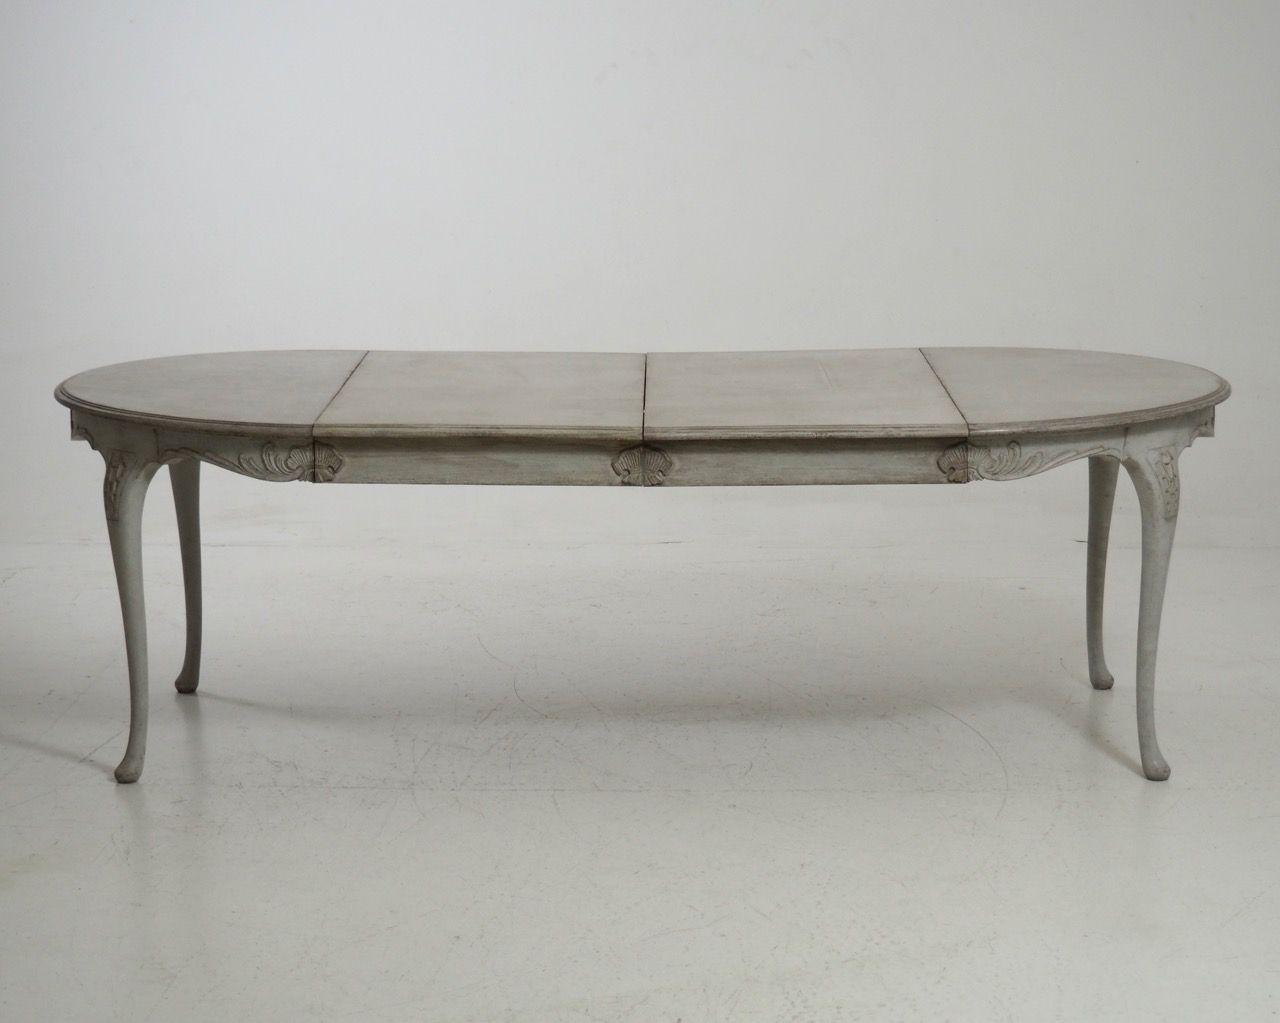 Antiker schwedischer ausziehbarer tisch im rokoko stil bei pamono kaufen - Design im rokoko stil prachtvollste kunstepochen ...